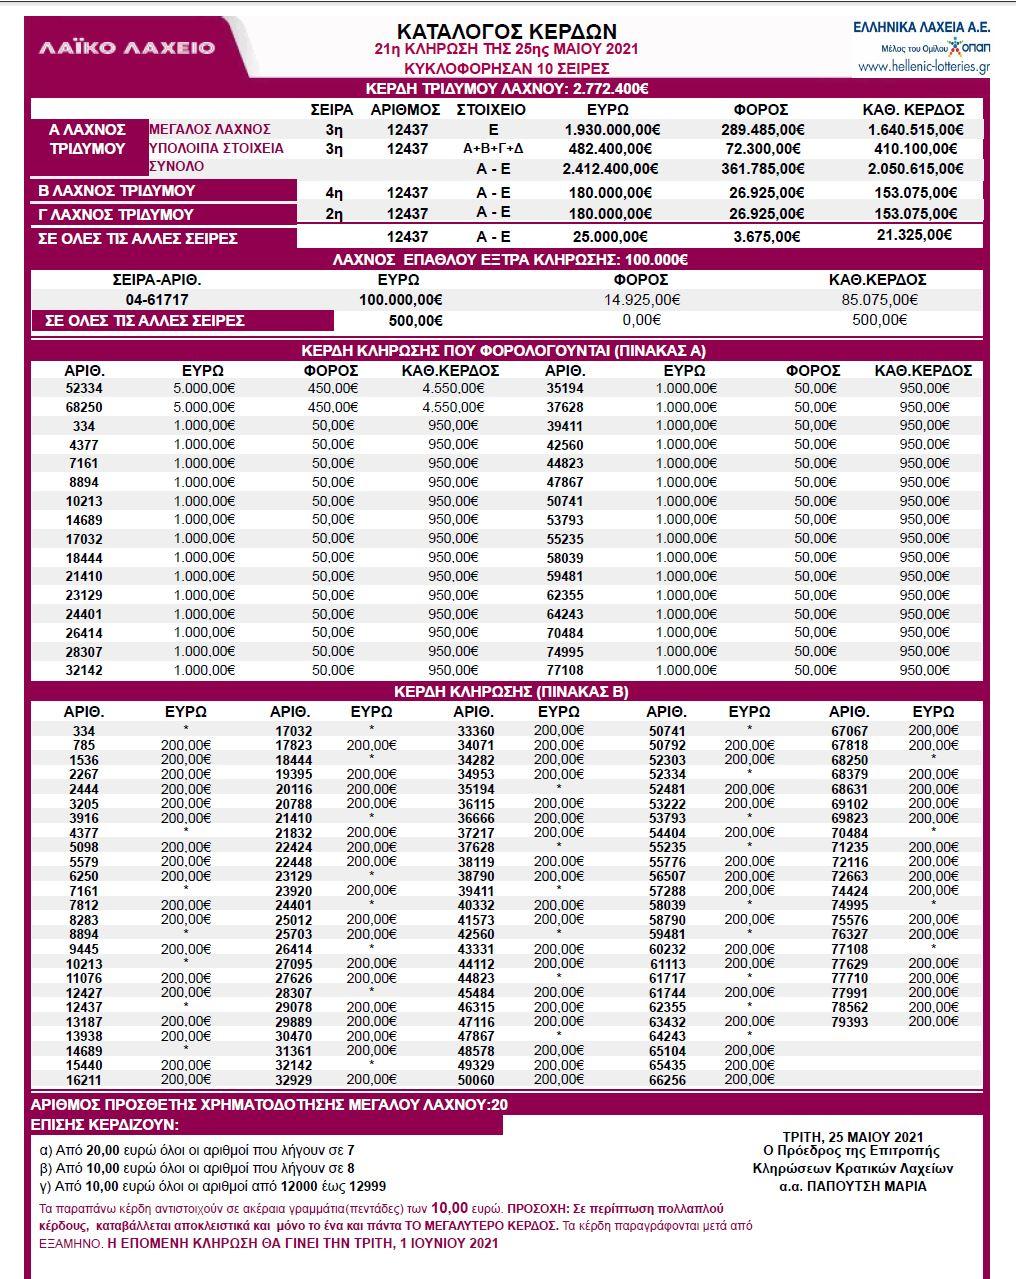 λαικο-λαχειο-25-5-21-κληρωση-21-λαικο-25-05-2021-κληρωσεις-λαικου-λαχειου-αποτελεσματα